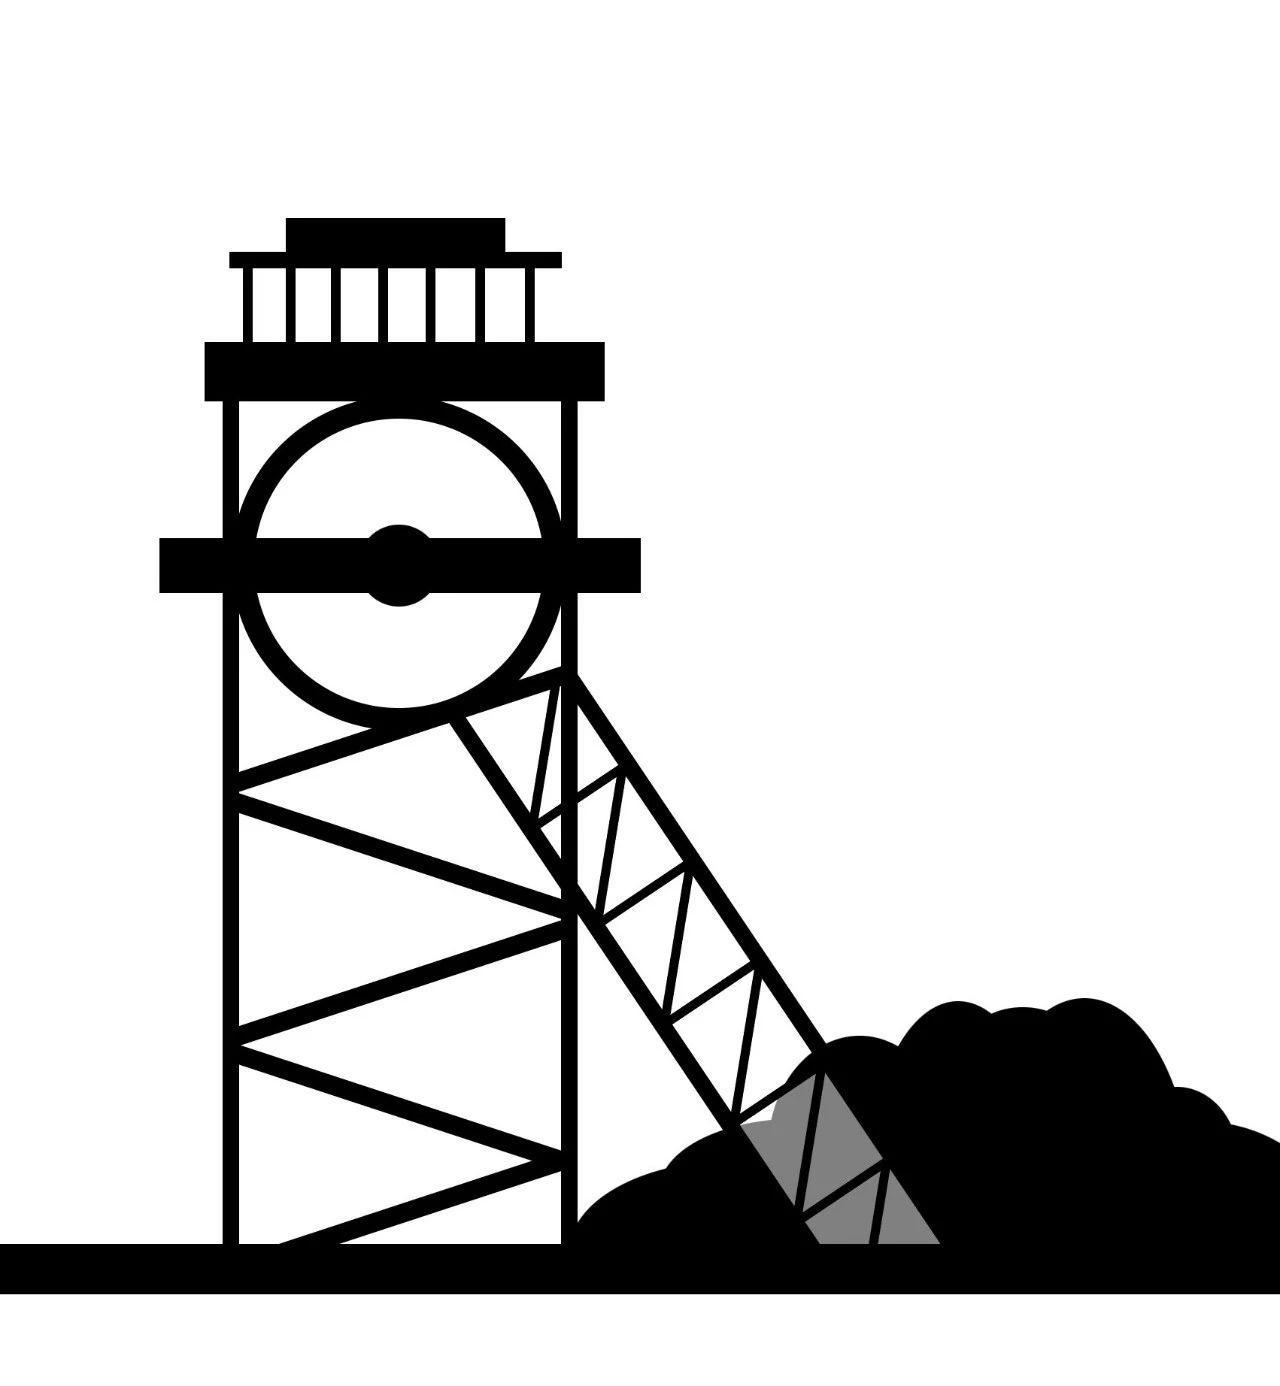 关注丨化解煤炭过剩产能!山西对18座煤矿开展省级联合验收